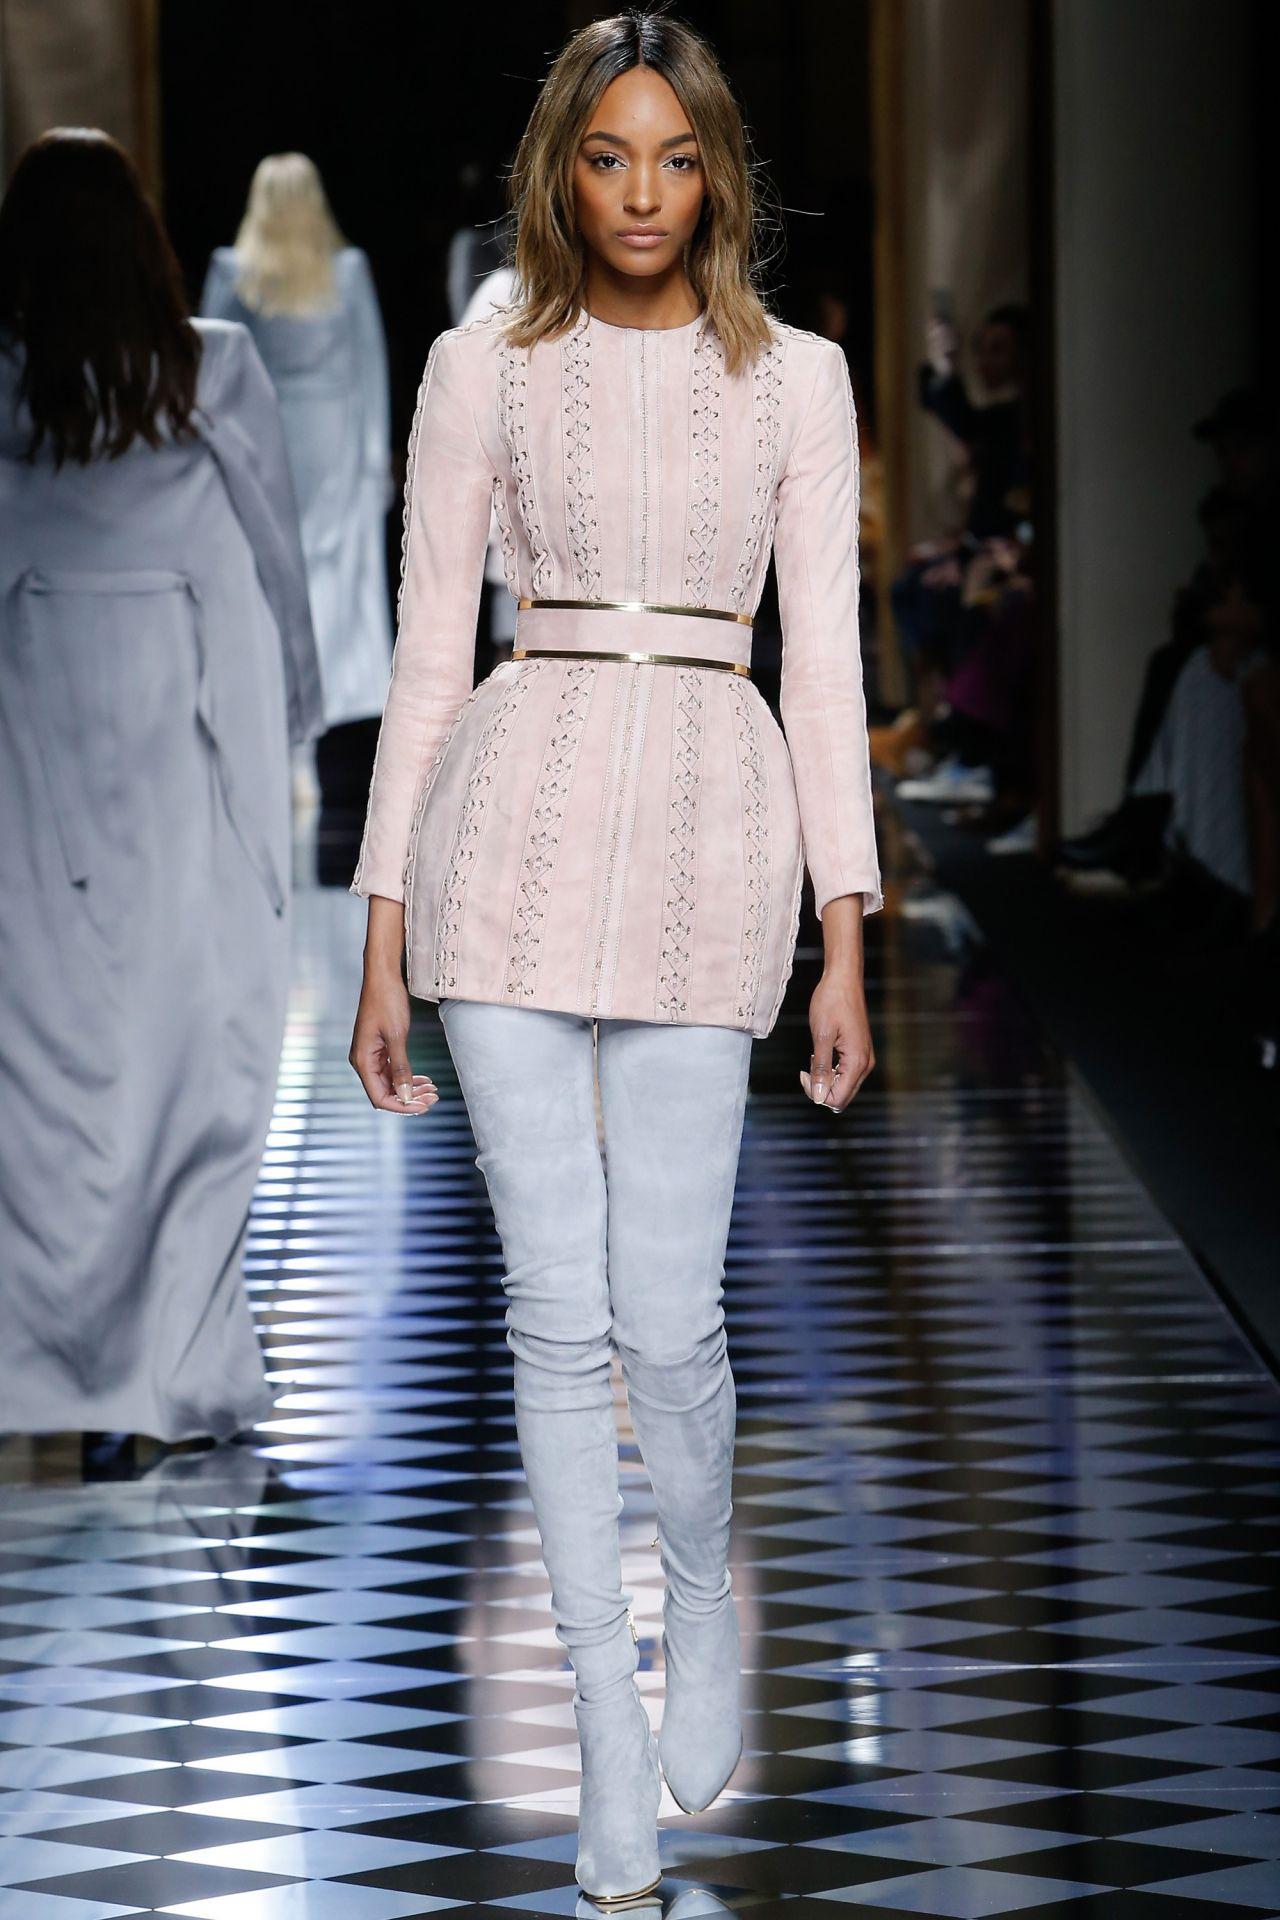 Fashion Week: Paris Fashion Week, March 2016